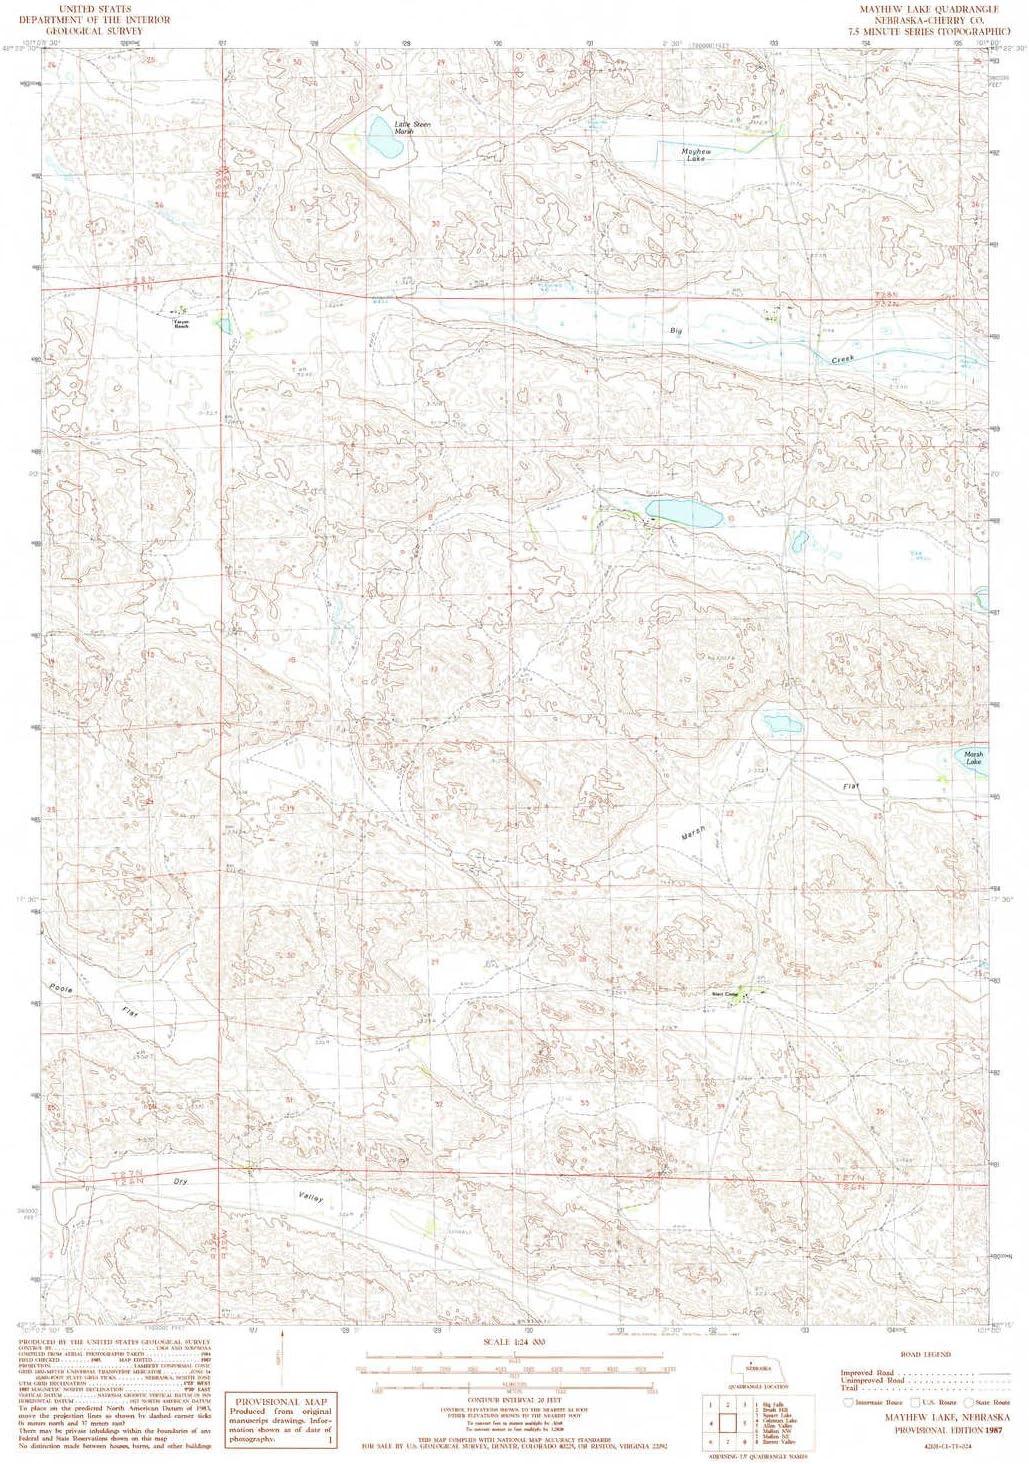 YellowMaps Tulsa Mall Mayhew Lake NE topo map Min Weekly update 7.5 1:24000 Scale X